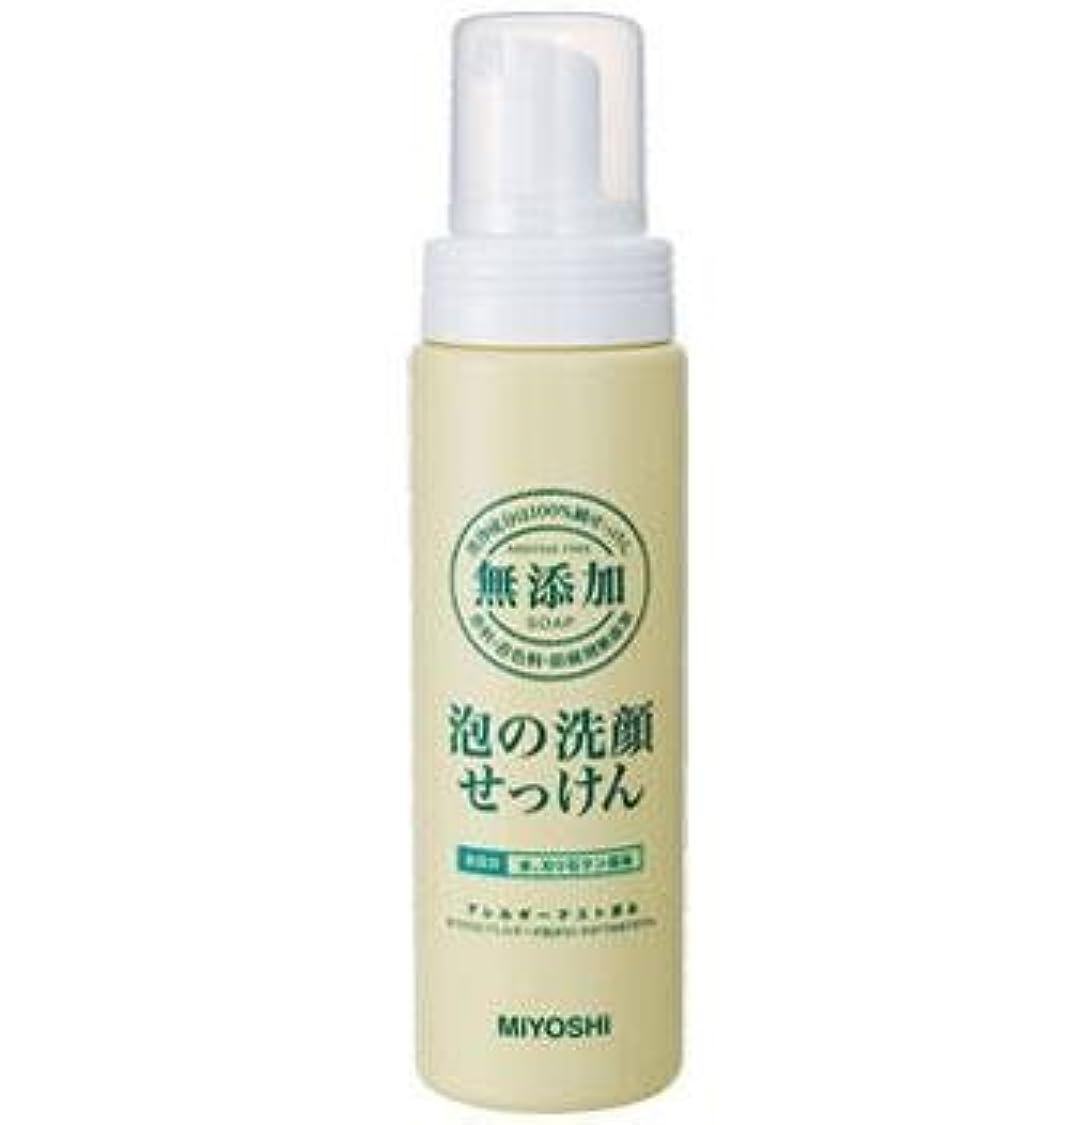 マエストロモールス信号記述する無添加泡の洗顔せっけんポンプボトル × 10個セット